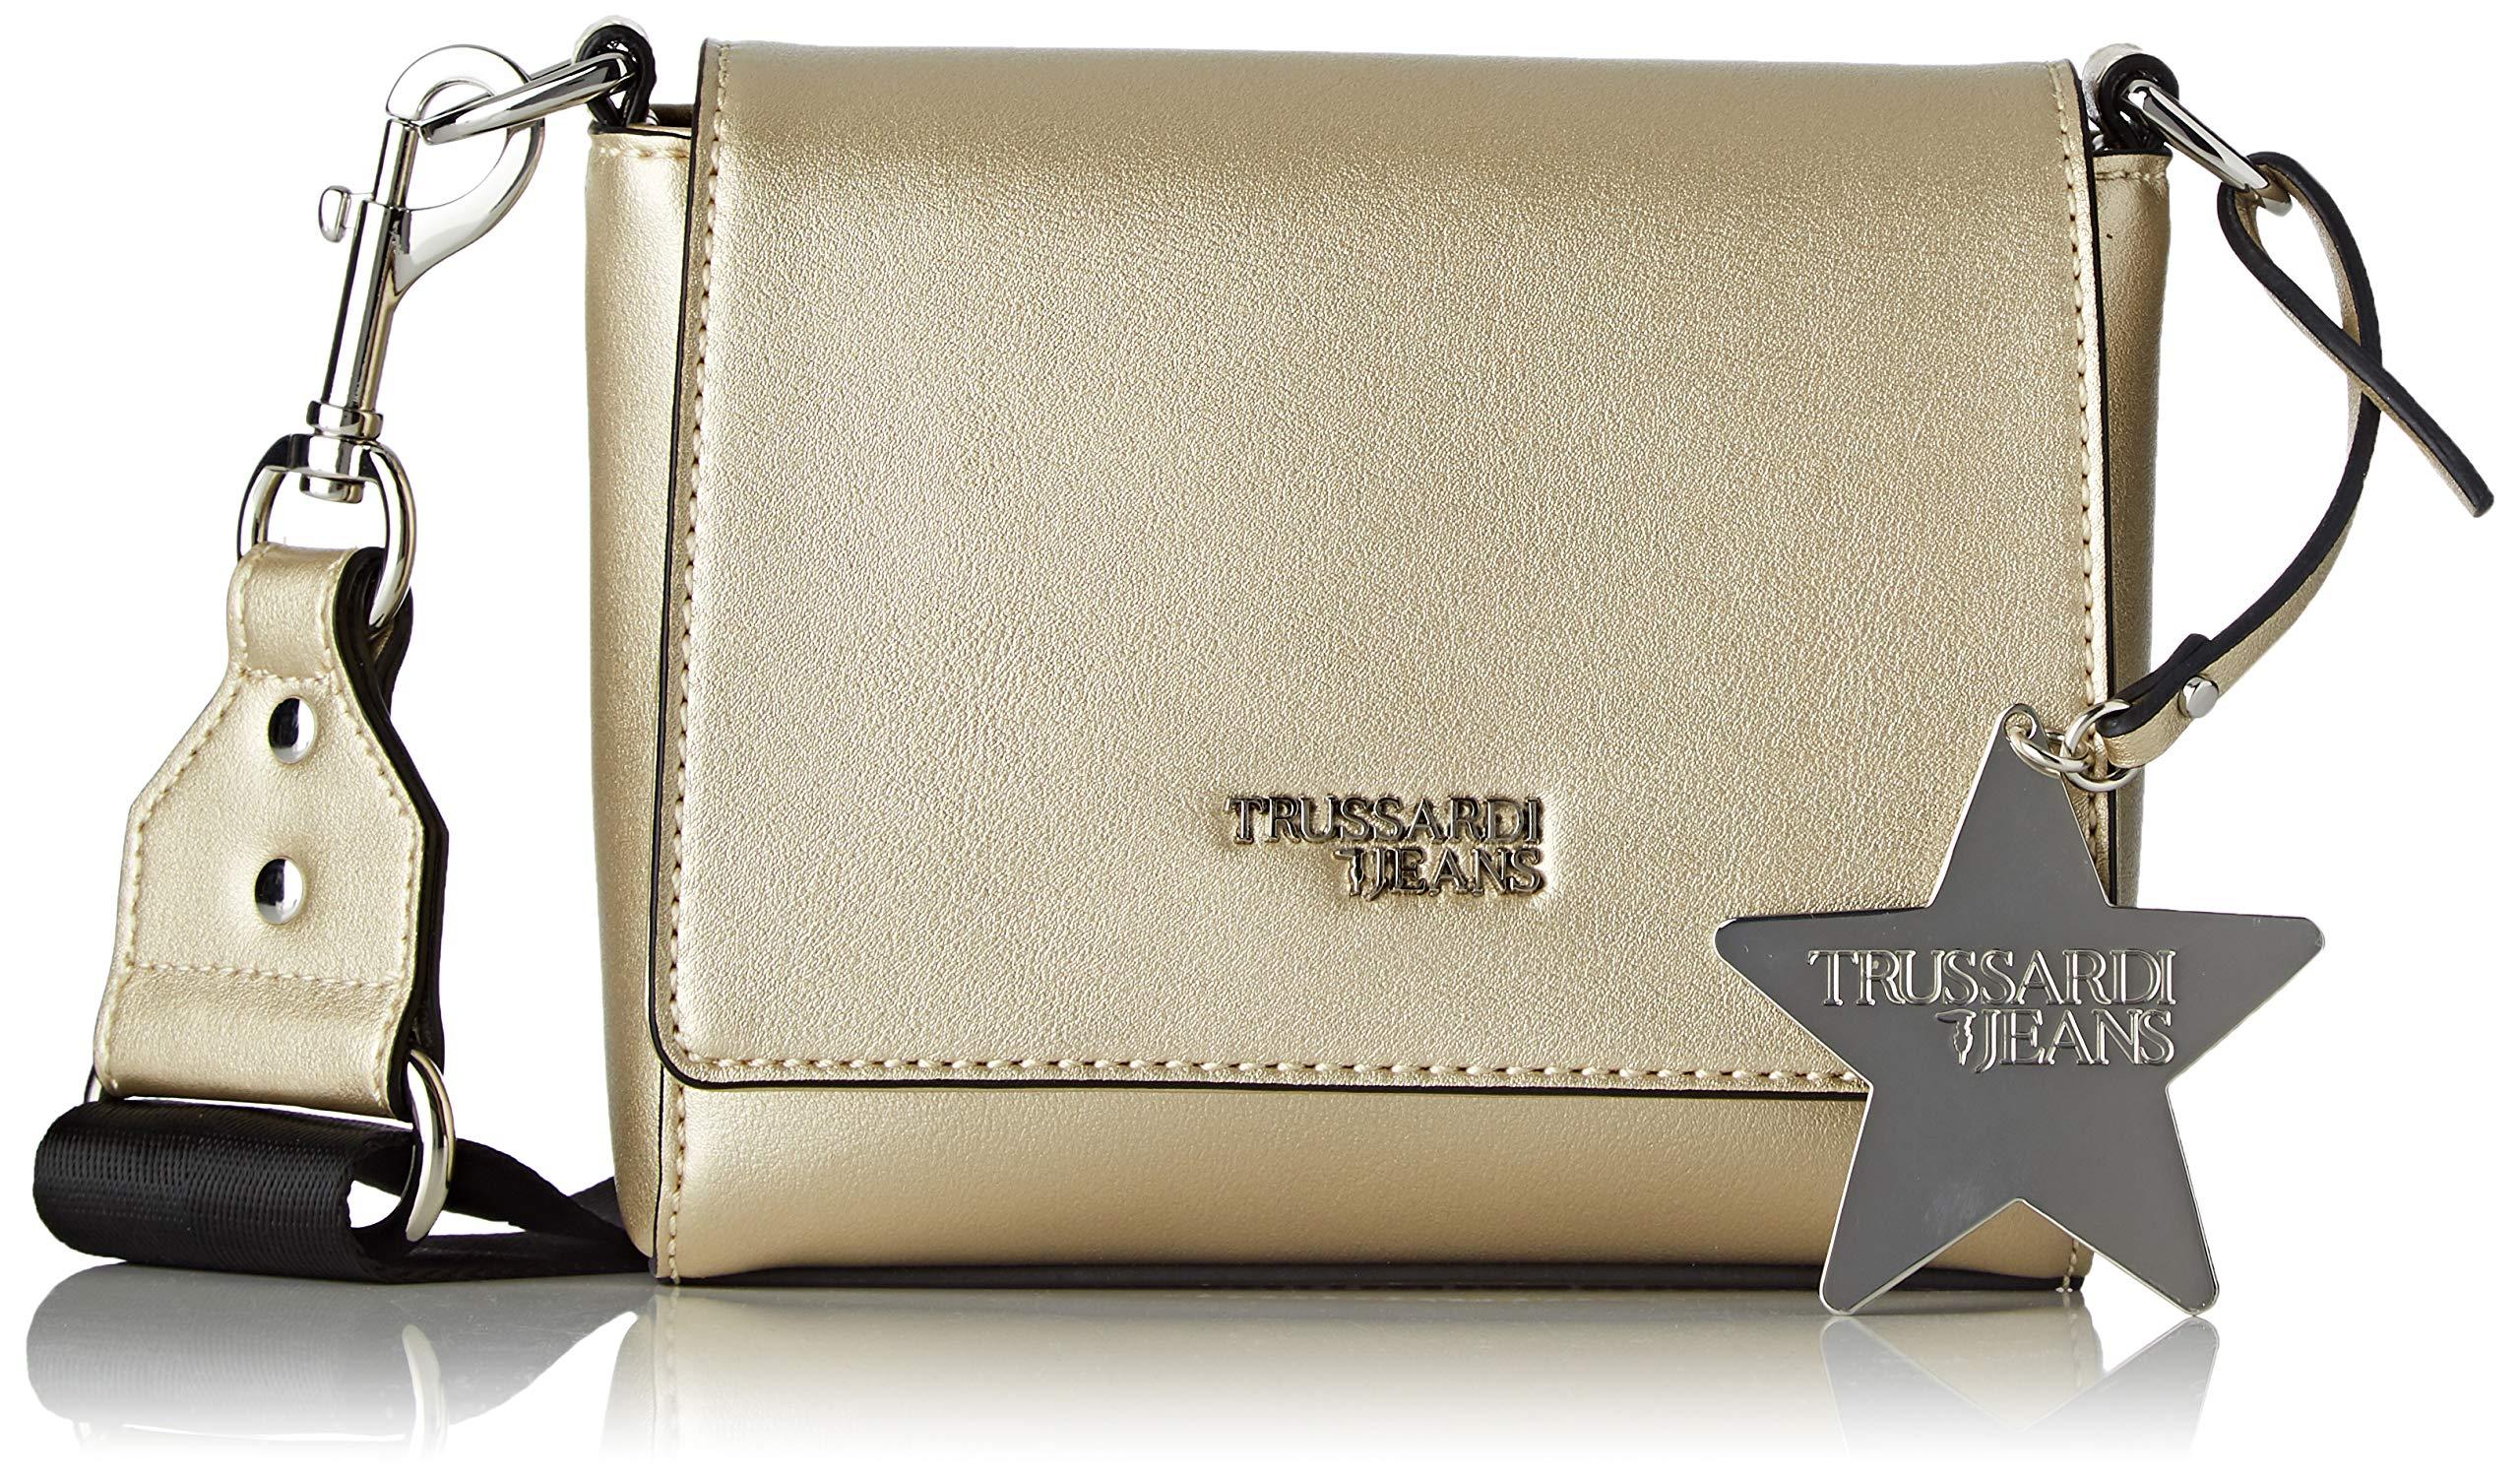 TEasy À Trussardi L Bandoulière CacciatoraSac H Jeans FemmeOrmetal Gold16x14x6 X Star Centimetersw Y6I7ymfgbv